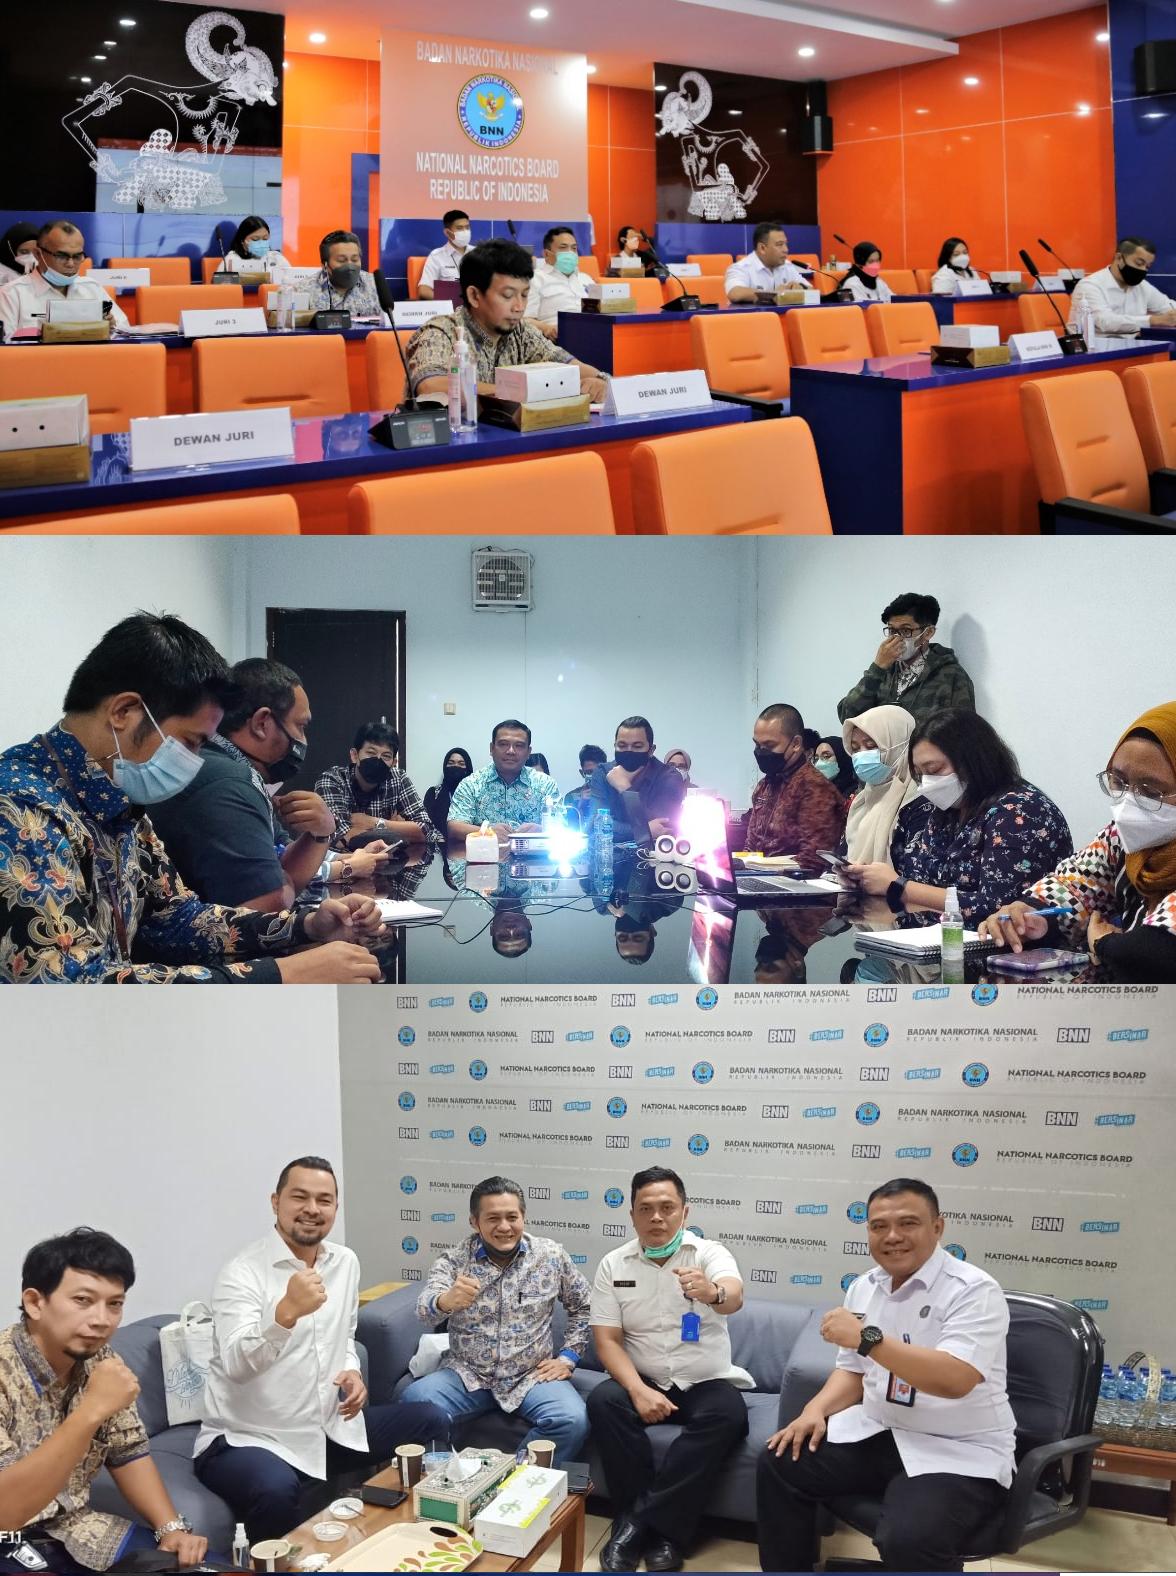 Umi kalsum founder dan ceo pvk group,BADAN NARKOTIKA NASIONAL DISINGKAT BNN REPUBLIK INDONESIA,BERITA BNN RI,BIRO HUMAS DAN PROTOKOL BNN RI,FESTIVAL FILM PENDEK BNN 2021,HANI 2021,INDONESIA OFFICIAL TOURISM WEBSITE,INDONESIA'S OFFICIAL TOURISM WEBSITE,INDONESIAN TOURISM WEBSITE,KEPALA BNN RI KOMJEN. POL. DR. DRS. PETRUS REINHARD GOLOSE M.M,KETUA FESTIVAL FILM PENDEK (FFB) BADAN NARKOTIKA NASIONAL (BNN) REPUBLIK INDONESIA TAHUN 2021 HANNY ANDHIKA,MEDIA ONLINE PARIWISATA INDONESIA TERFAVORIT 2020,MEDIA PARIWISATA INDONESIA OFFICIAL,MEDIA PVK GROUP,MEDIA PVK GROUP DENGAN 10 SITUS PARIWISATA DAN E MAGAZINE,MEDIA RESMI PARIWISATA INDONESIA,NANTIKAN PEMENANG FESTIVAL FILM PENDEK BNN RI 2021,PARIWISATA INDONESIA,PUNCAK PERINGATAN HANI 2021,WEBSITE RESMI PARIWISATA INDONESIA